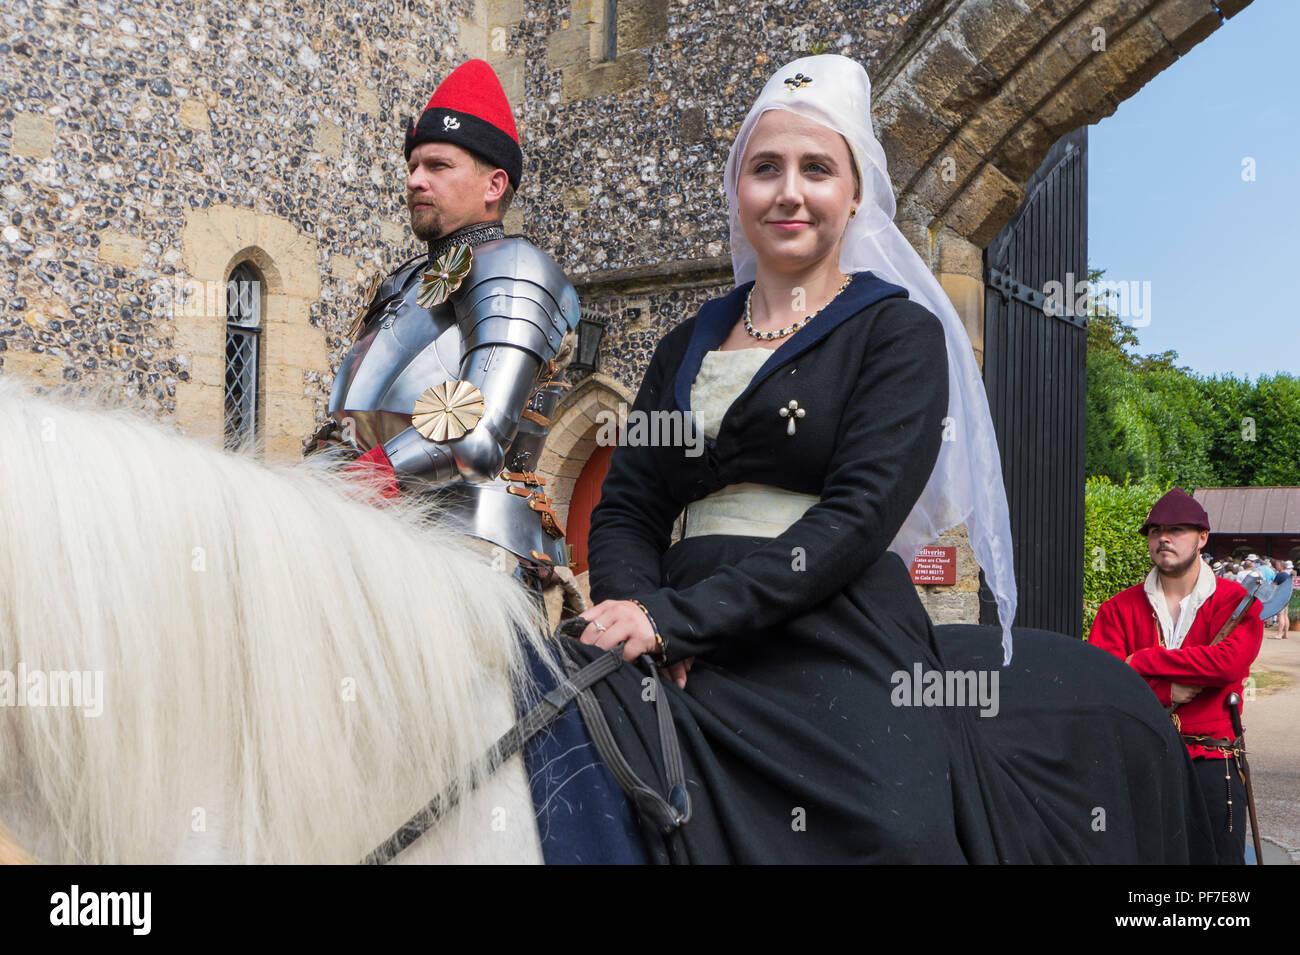 Personas a caballo en un evento de las justas vestidos con los tradicionales trajes medievales en Arundel, West Sussex, Inglaterra, Reino Unido. Los trajes de época medieval. Imagen De Stock